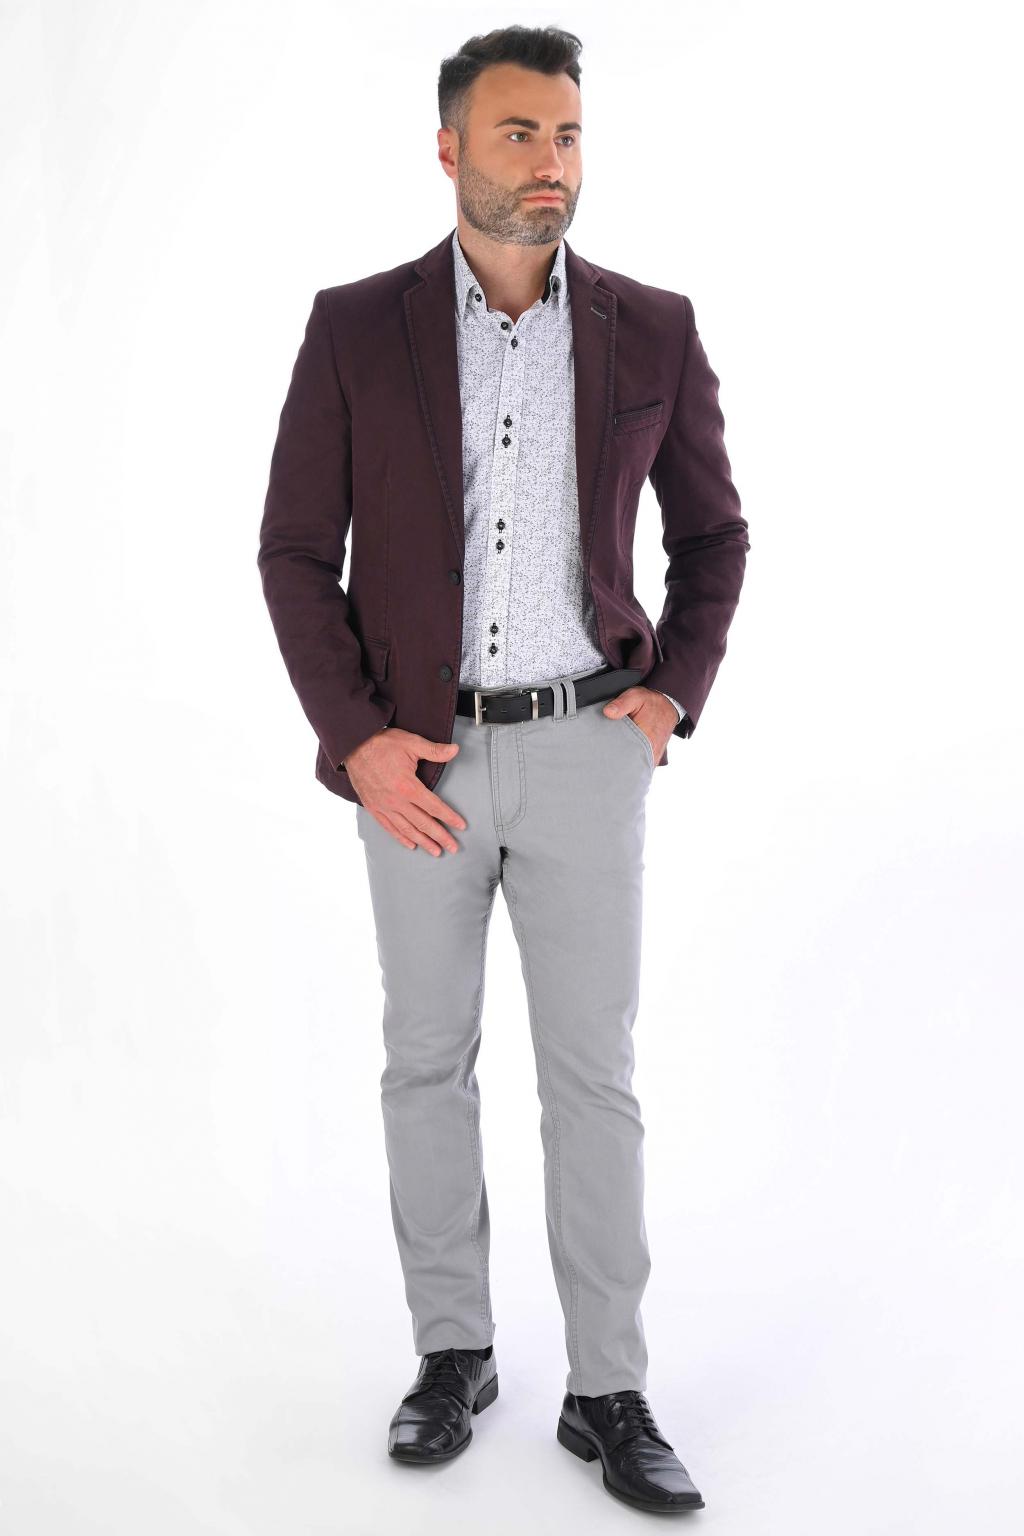 Sivé nohavice Chinos  ULTRA SLIM strih, bavlna stretch